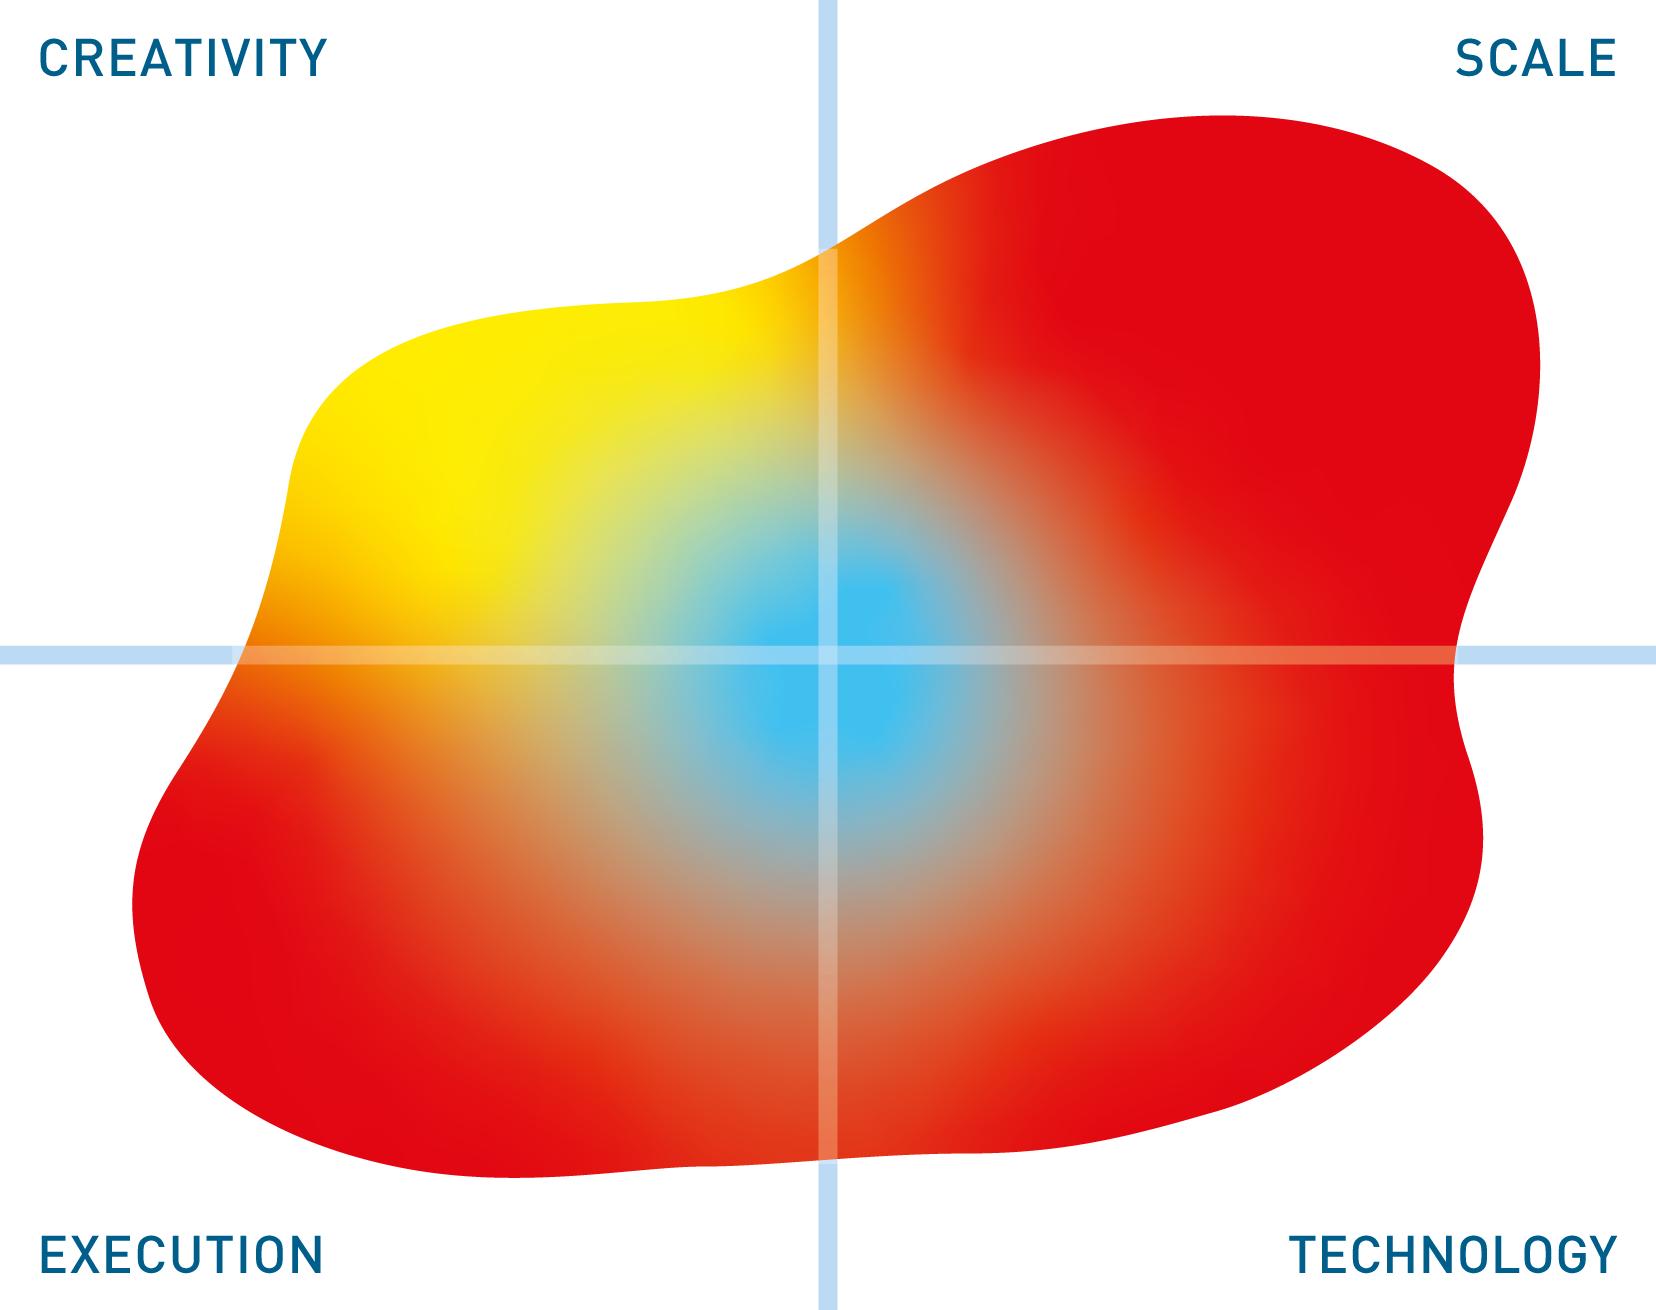 TRICENTIS mutable quadrant